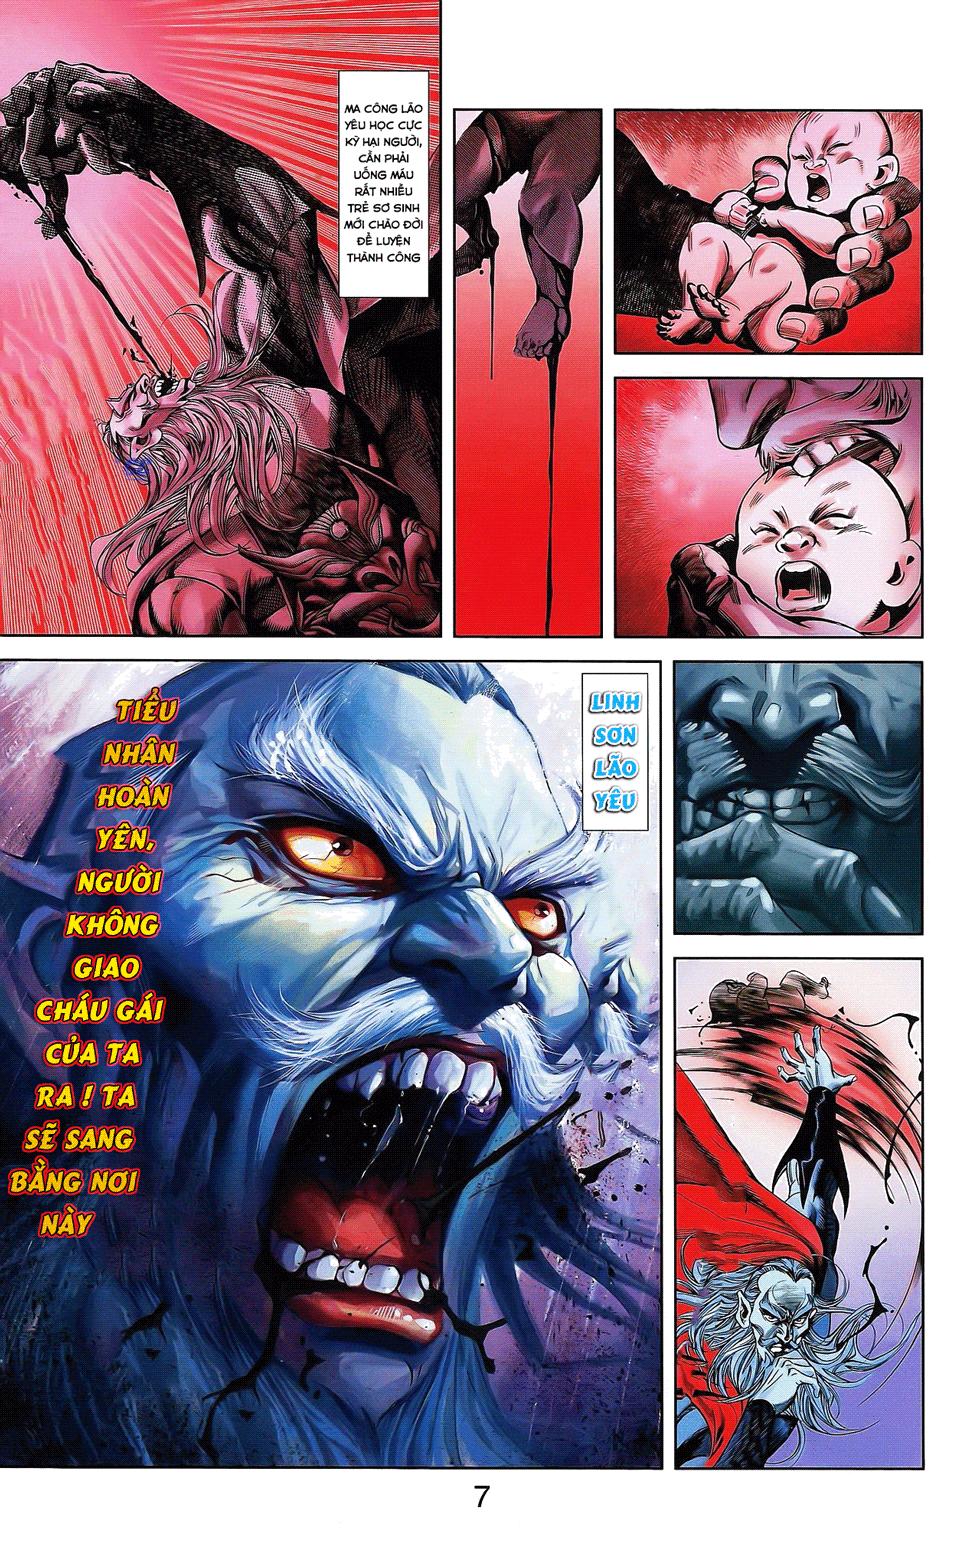 Tần Vương Doanh Chính chapter 17 trang 3